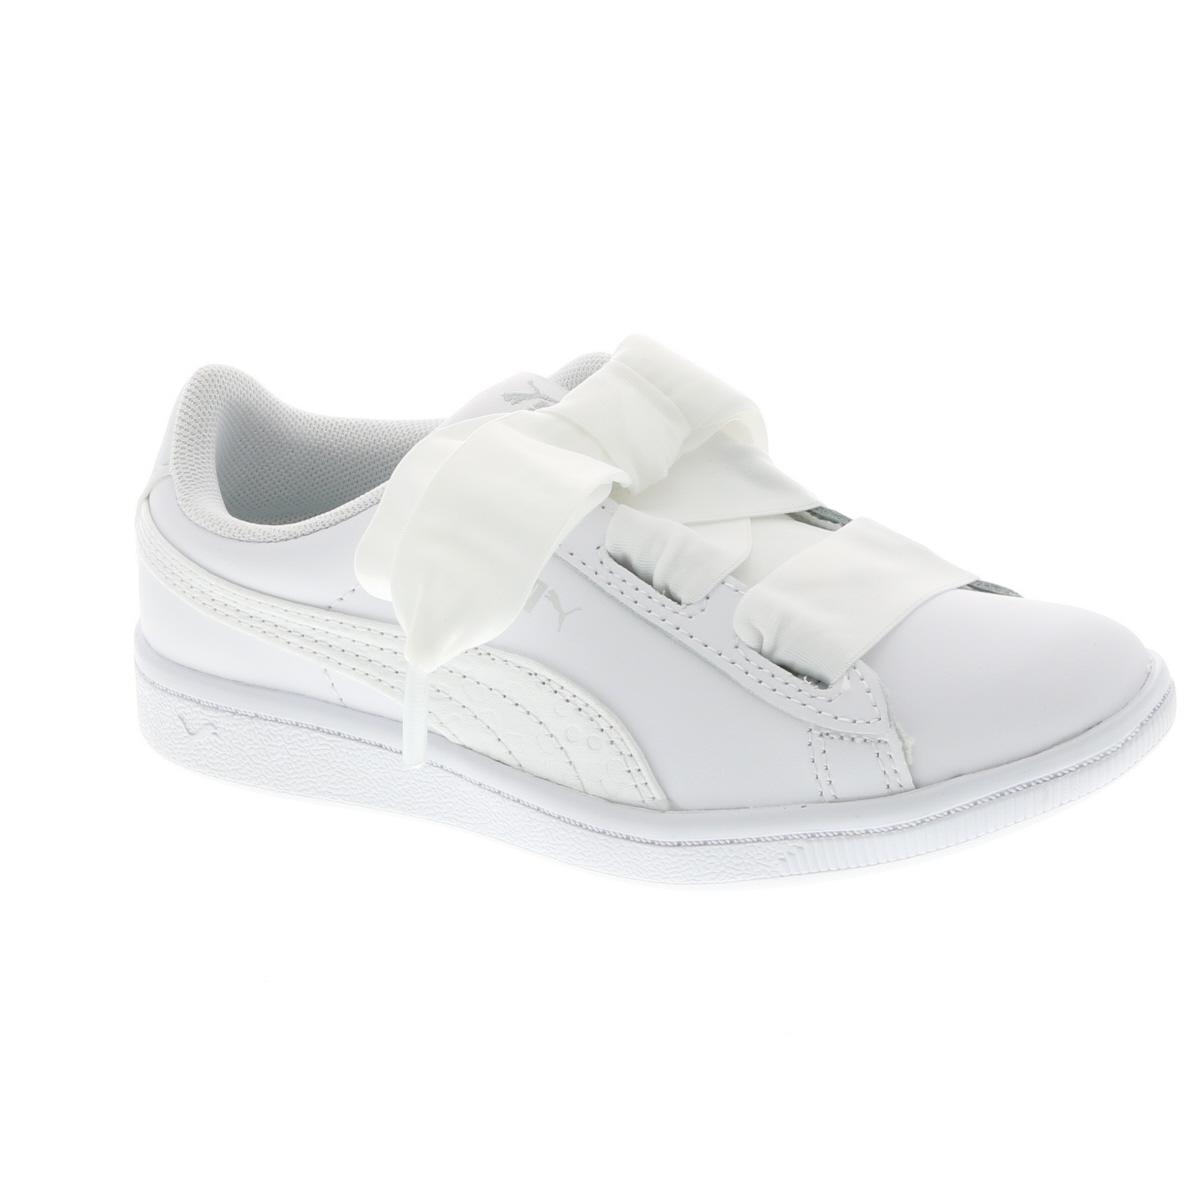 a65597bd7bb Puma sneakers bestel je online bij